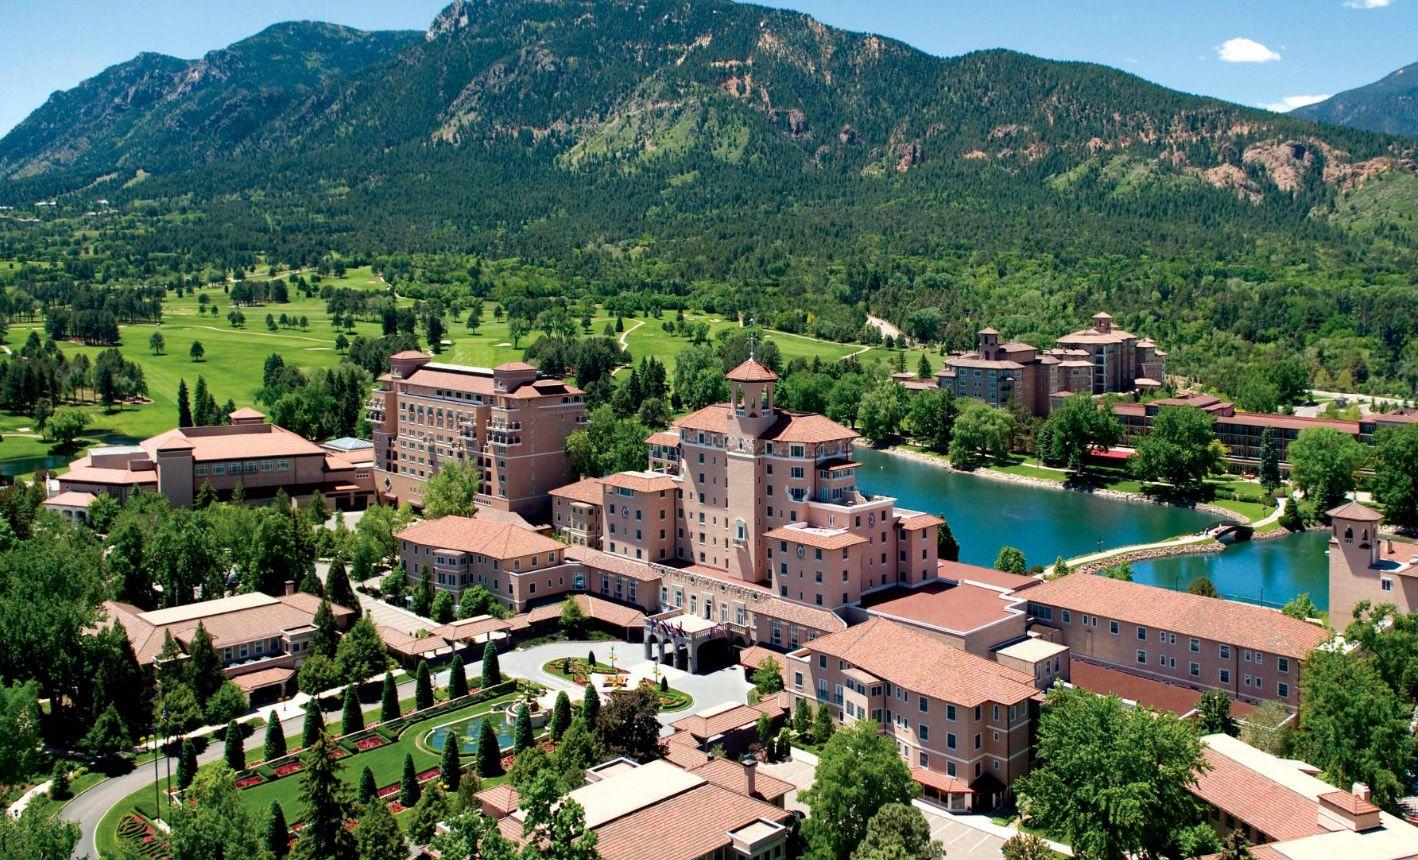 Colorado Resorts Springs The Broadmoor One Of My Favorite Hotels